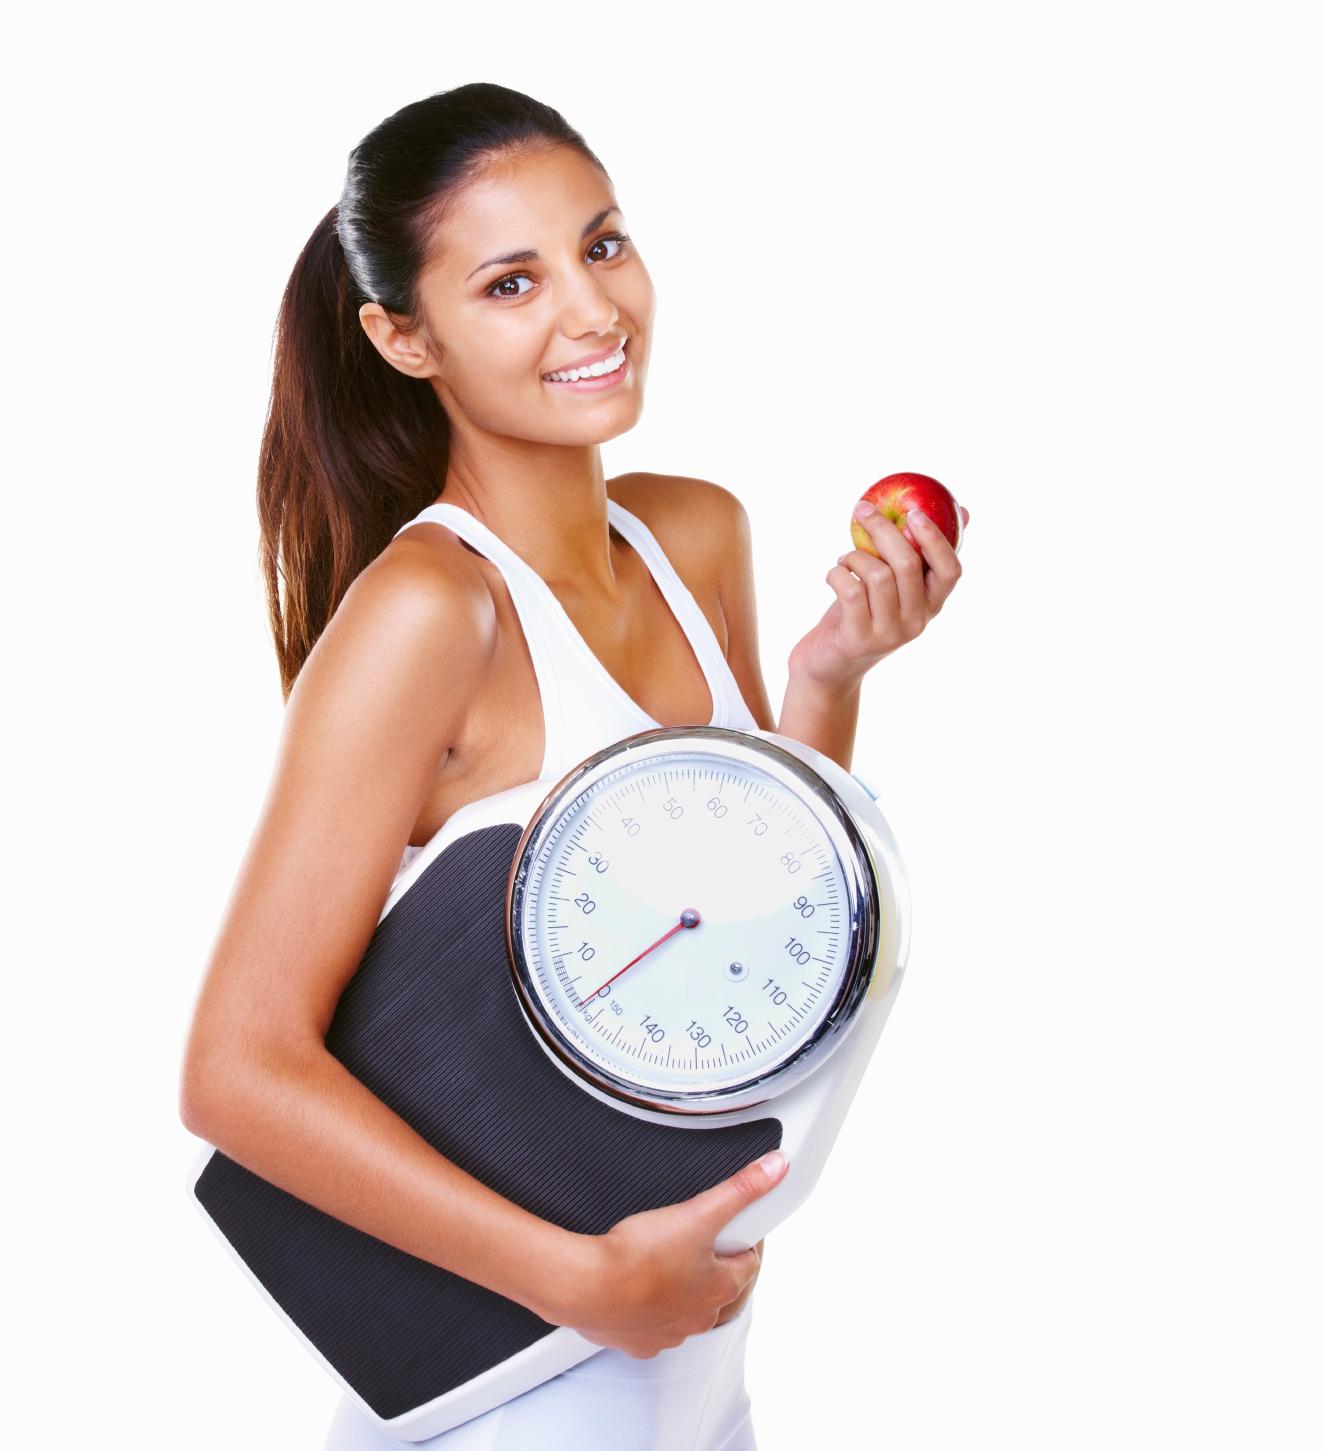 Проблему лишнего веса проще предотвратить, чем решать